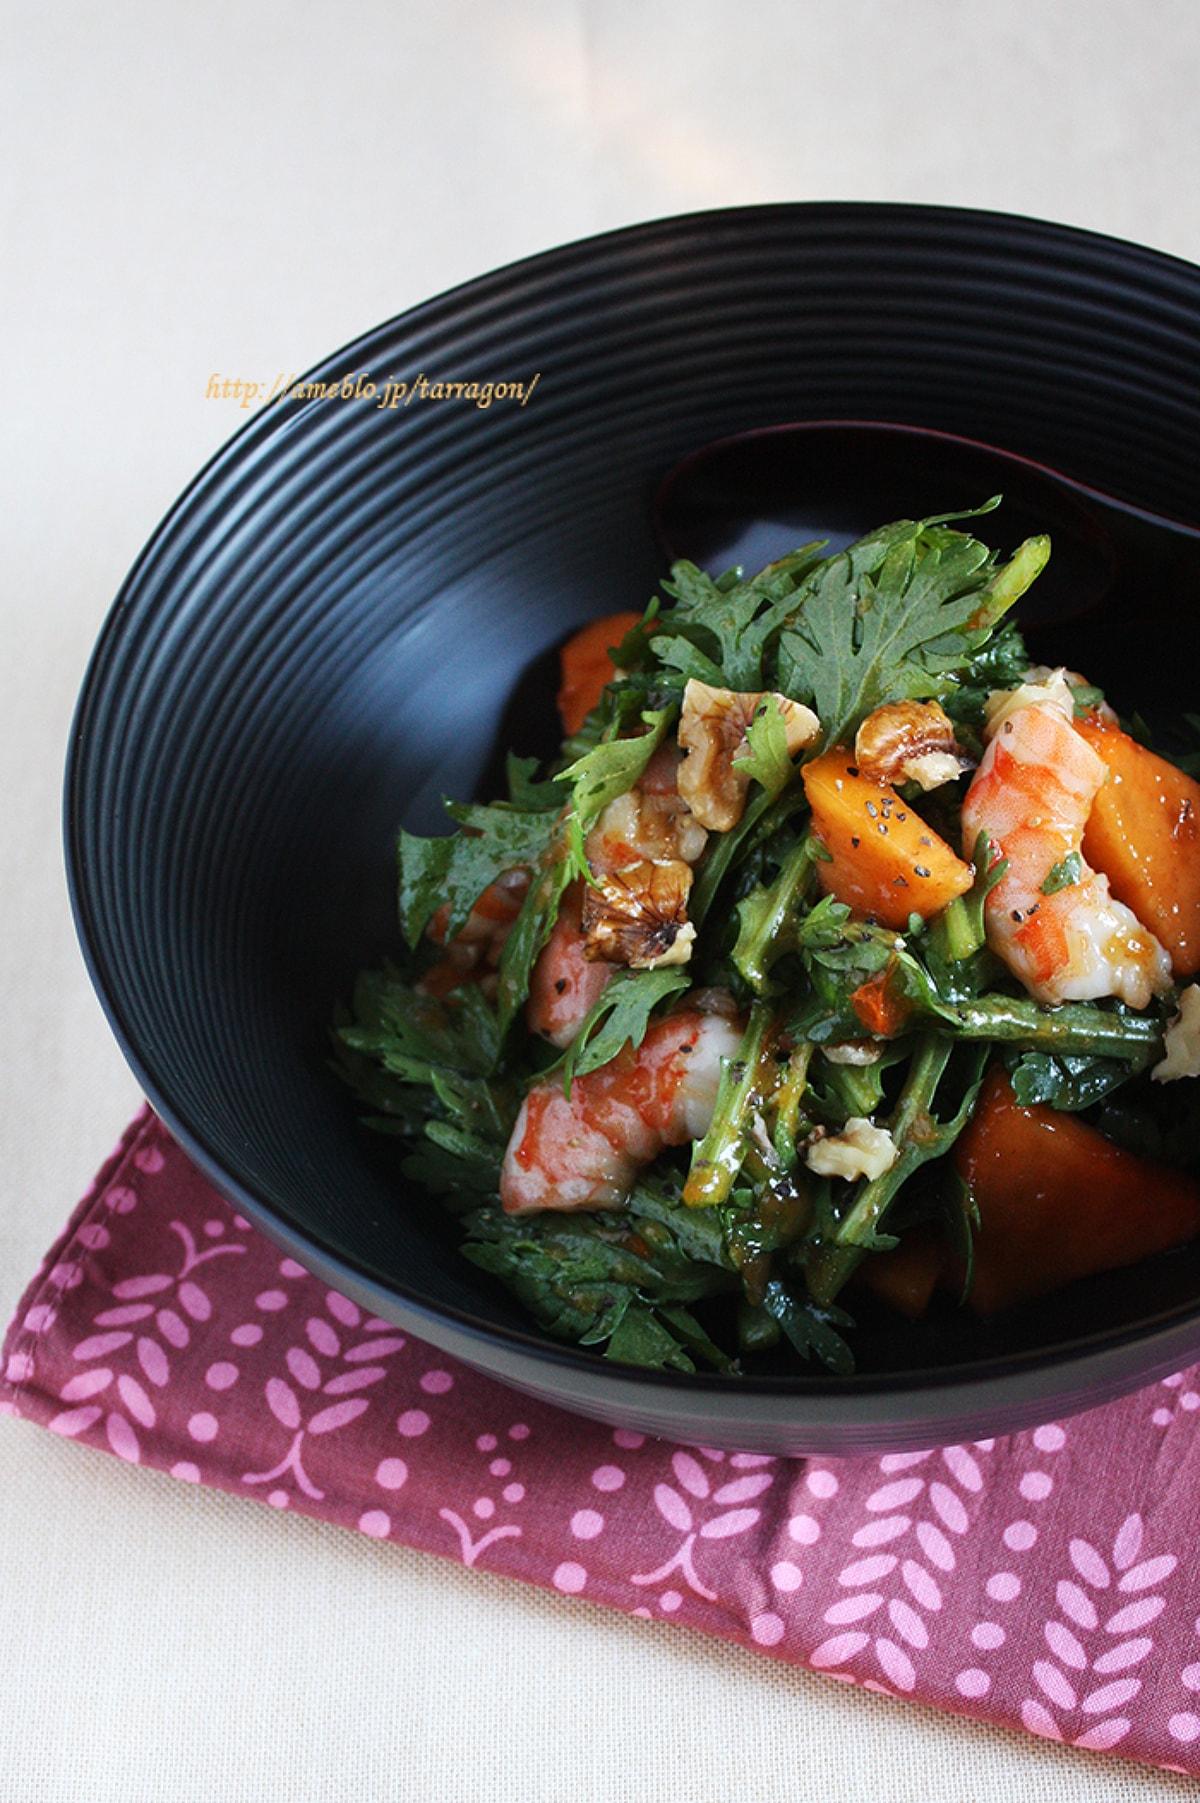 春菊をもっと食べよう!20レシピでお鍋以外のおいしい方法教えます